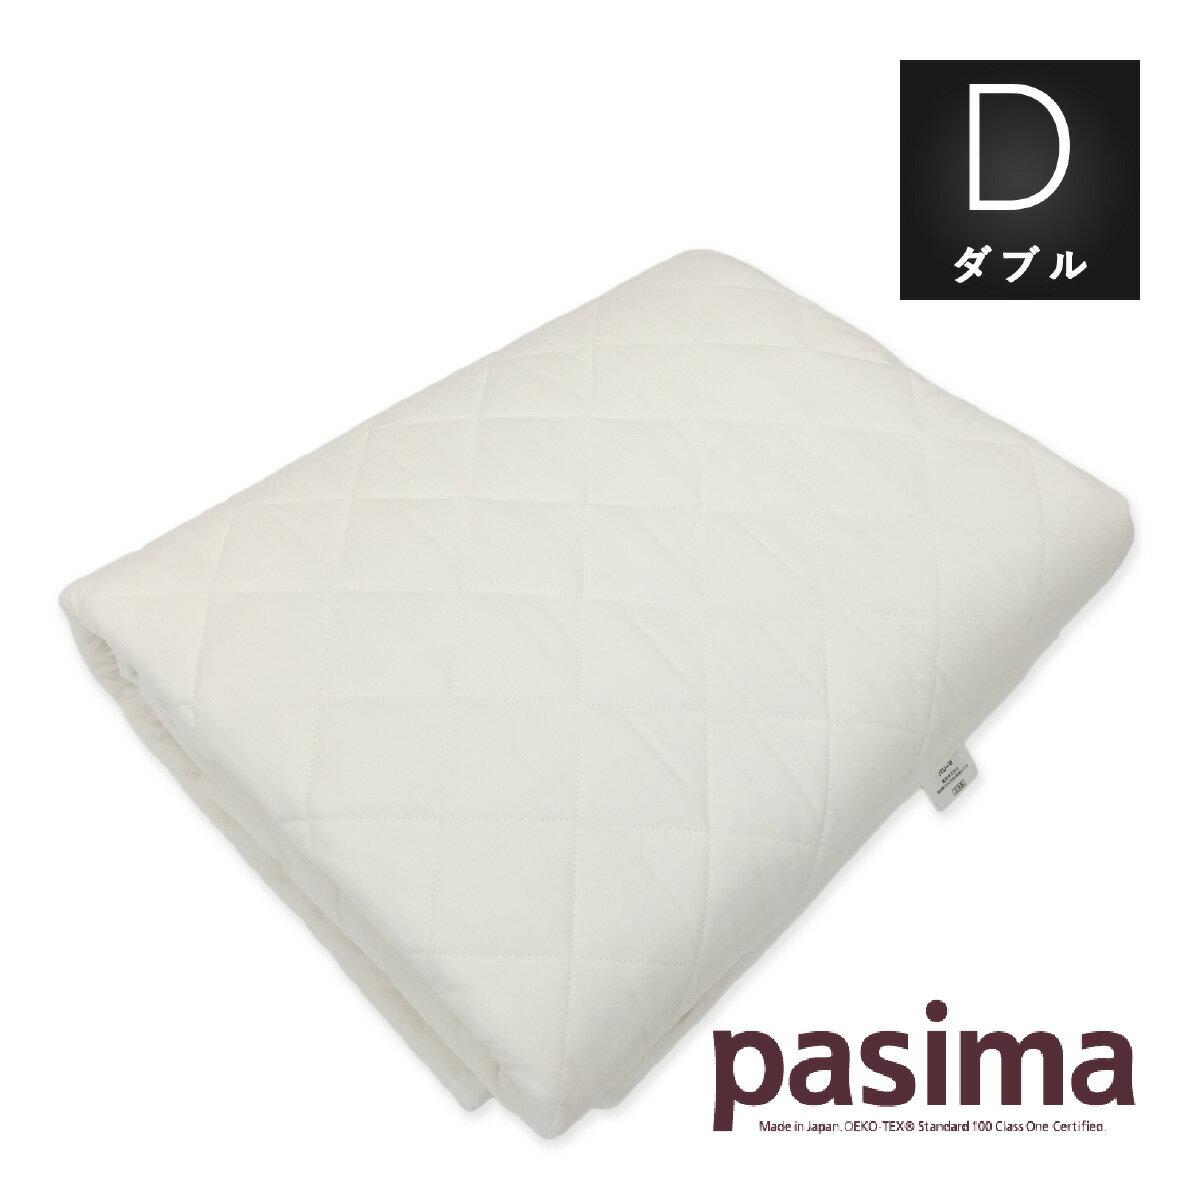 パシーマ パットシーツ敷きパッドタイプ シーツきなり ダブルロング 155×210cm